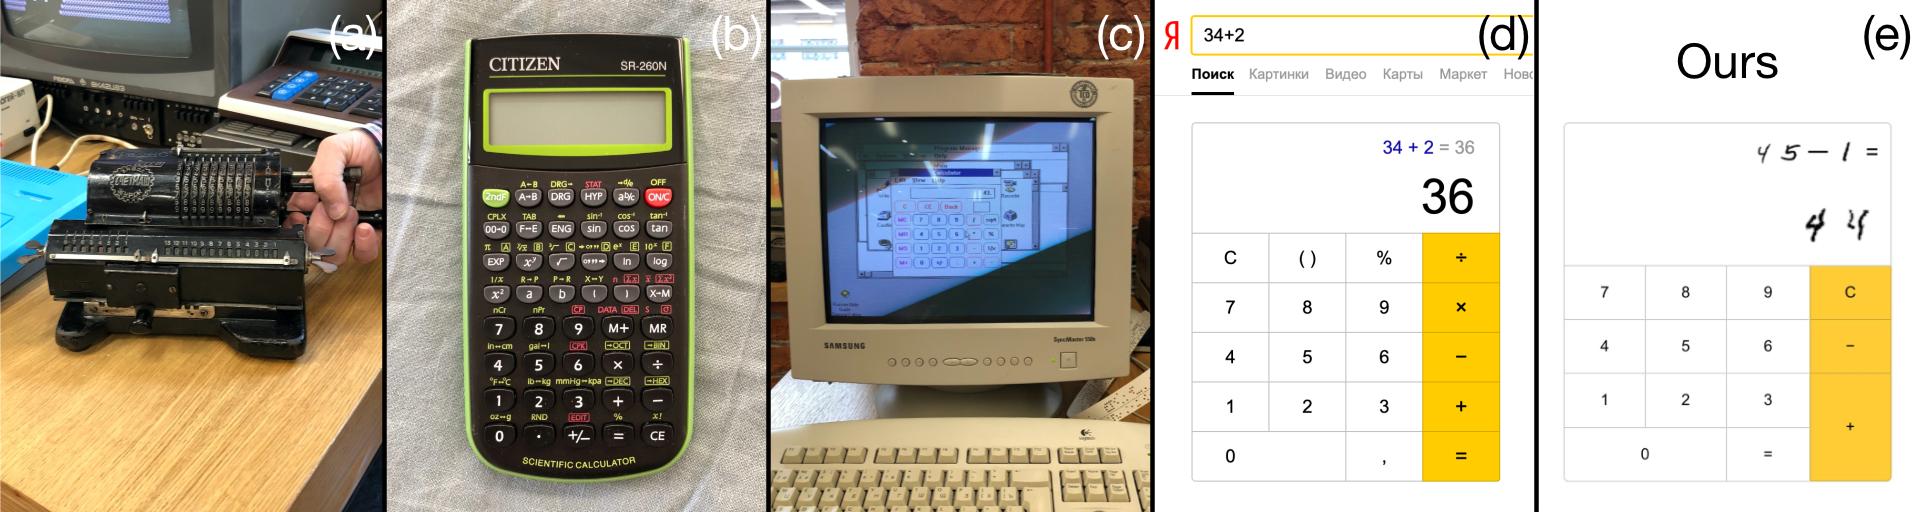 Нейросетевой калькулятор для сложения и вычитания не очень больших чисел - 2